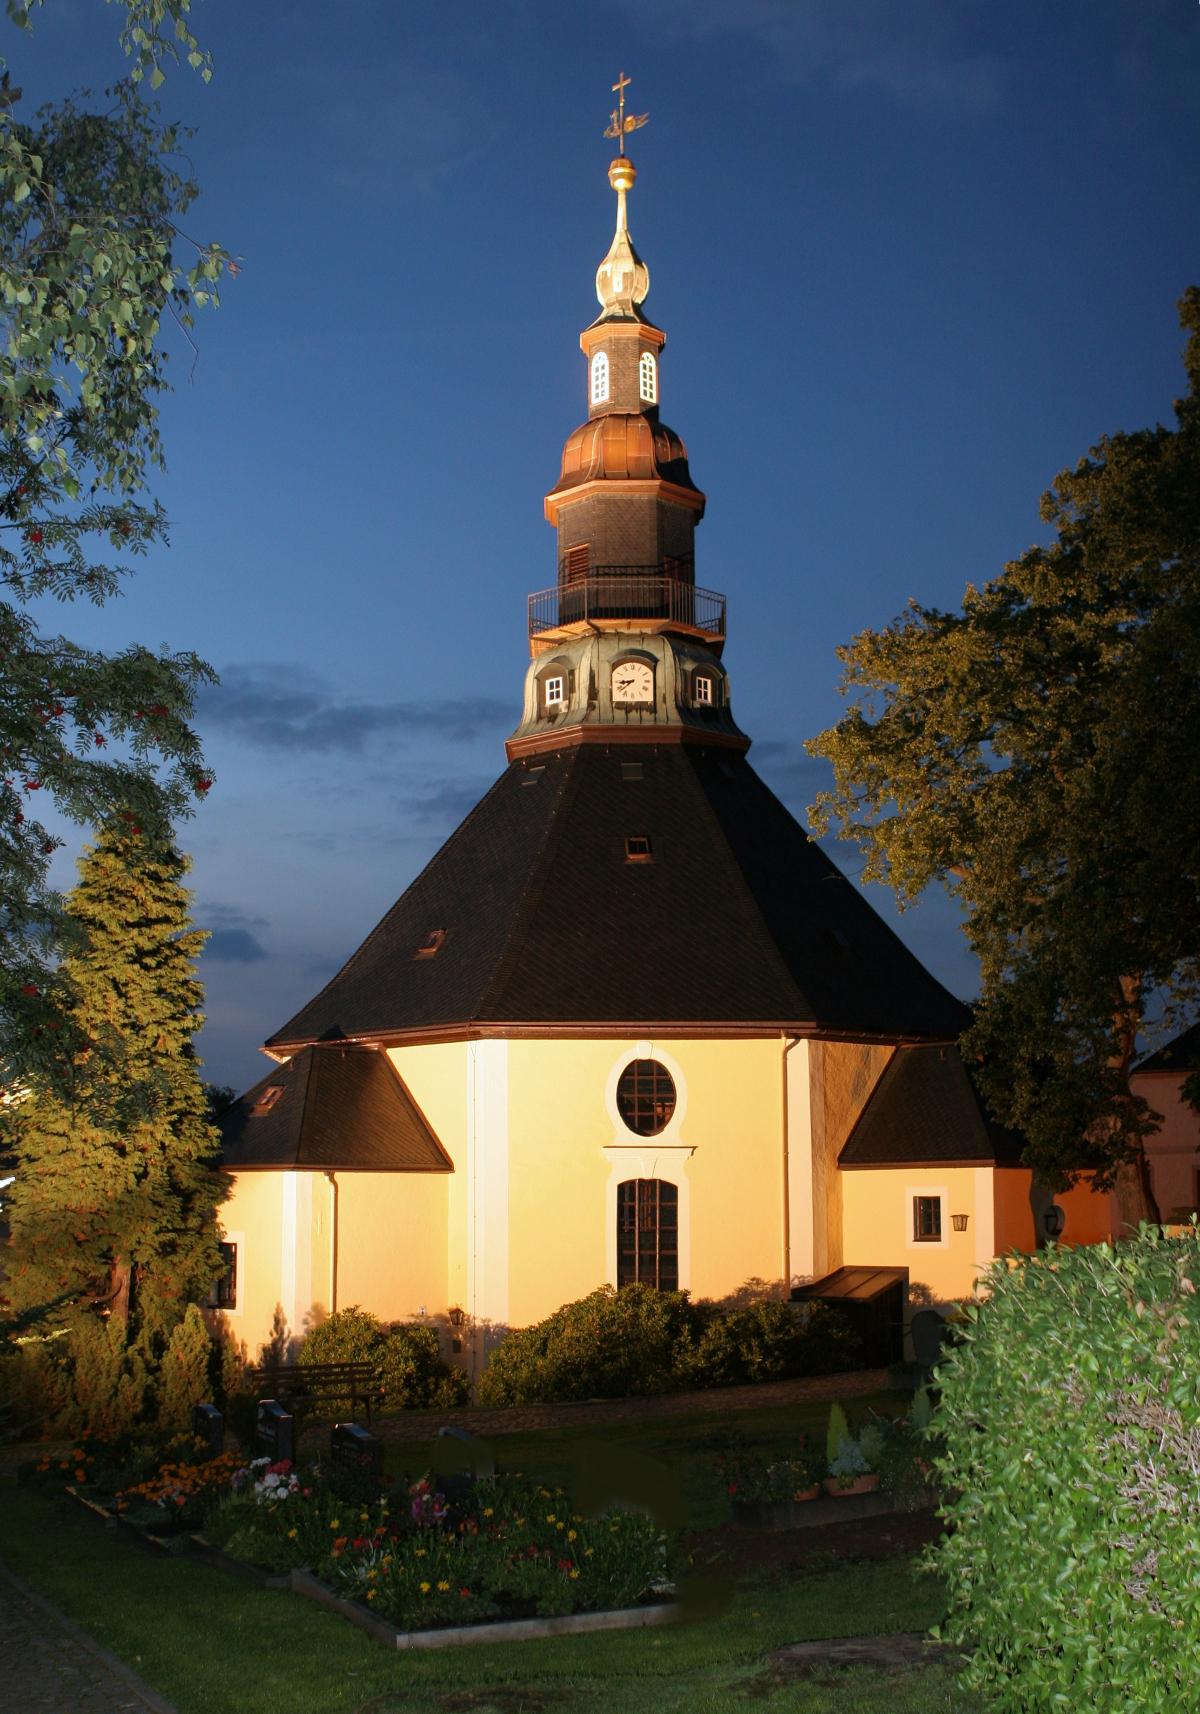 Kirchenführung mit kleinem Orgelspiel @ Bergkirche | Kurort Seiffen/Erzgeb. | Sachsen | Deutschland